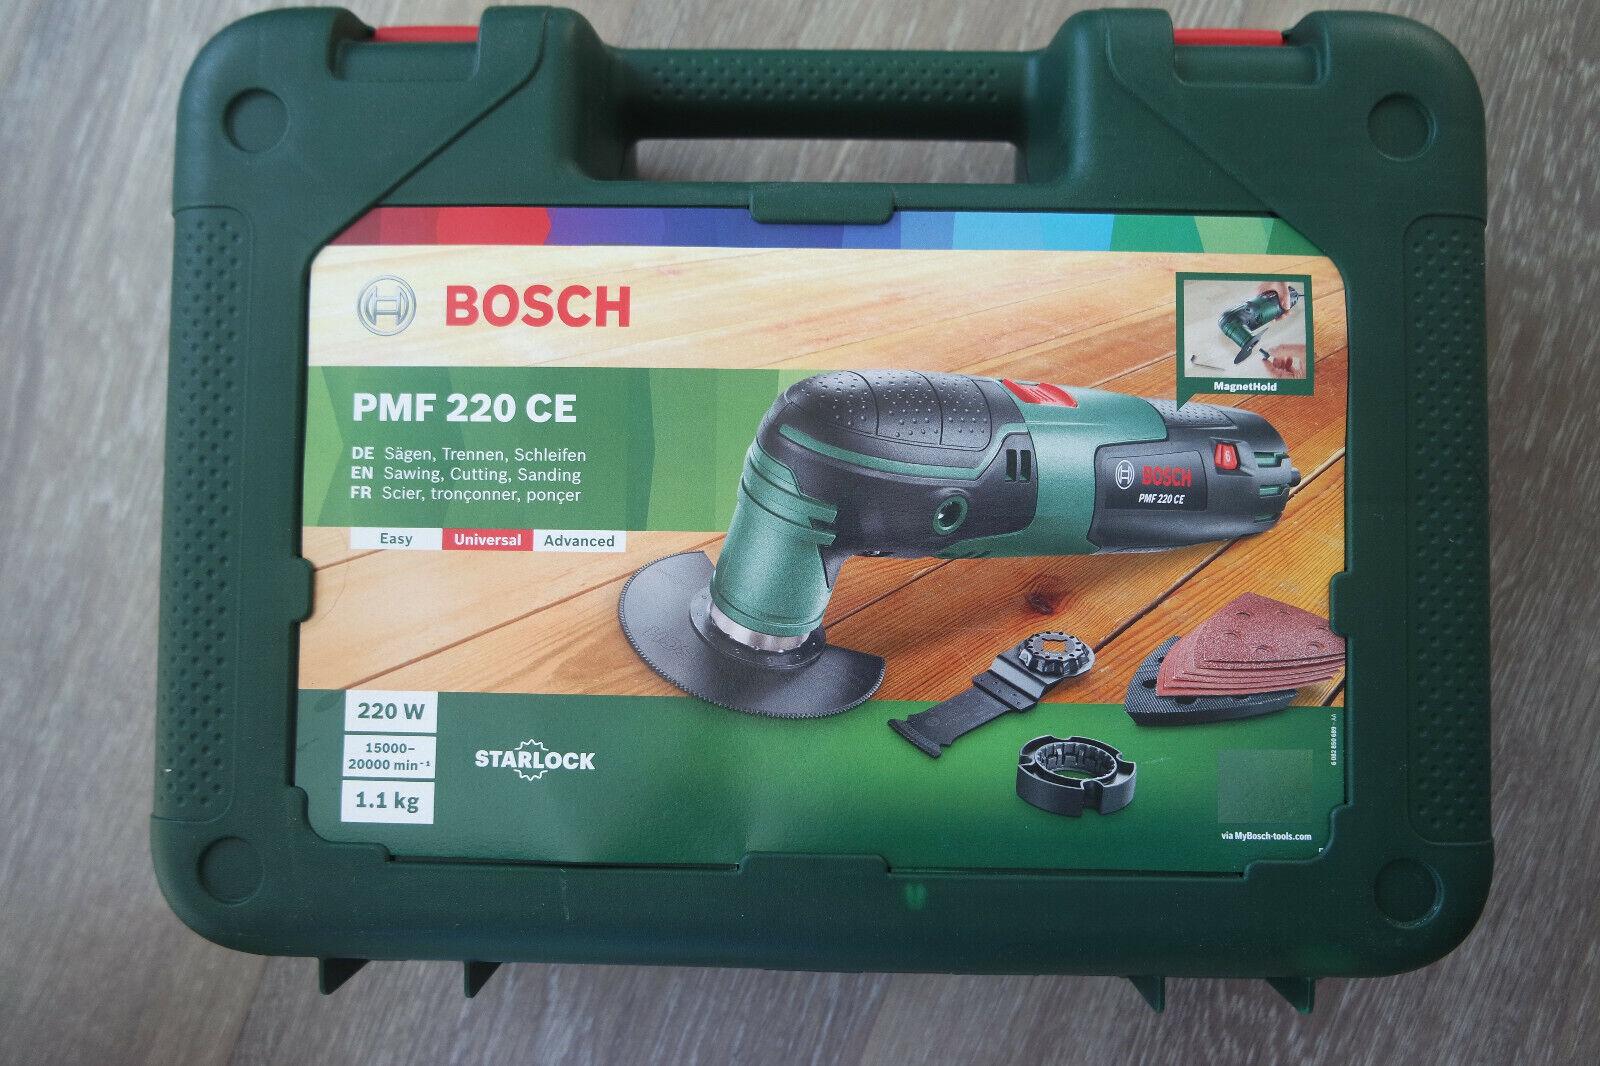 BOSCH PMF 220 CE Multifunktionswerkzeug Multitool Multimaster mit Zubehör